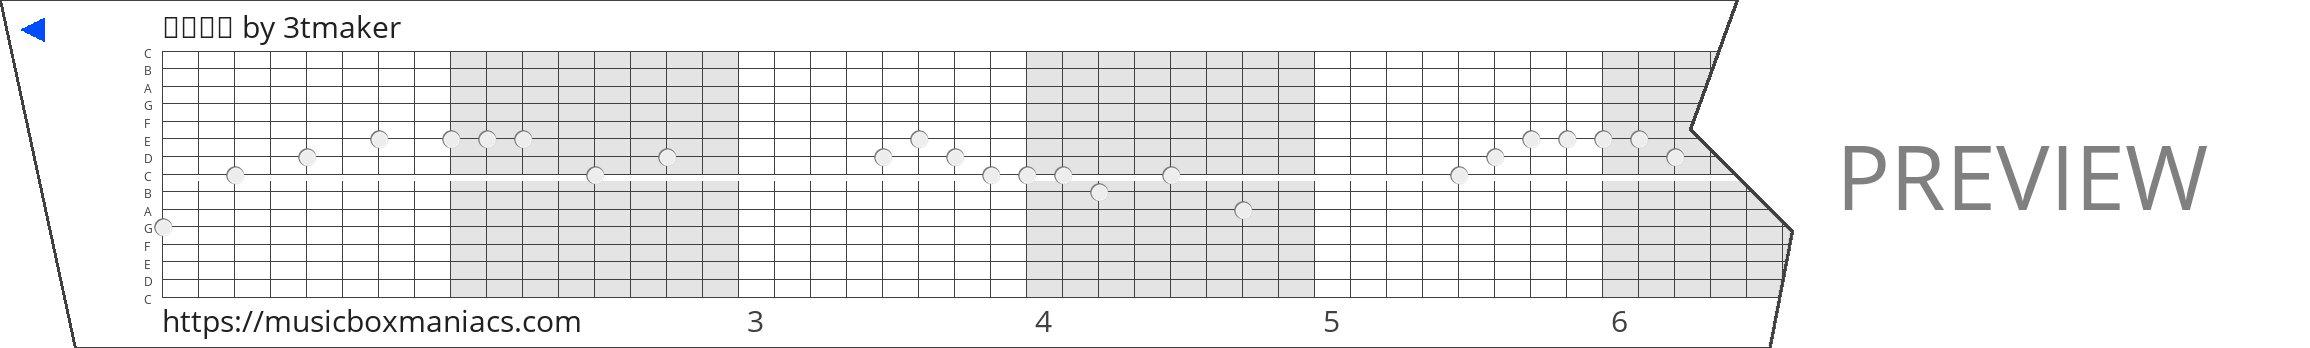 真的爱你 15 note music box paper strip